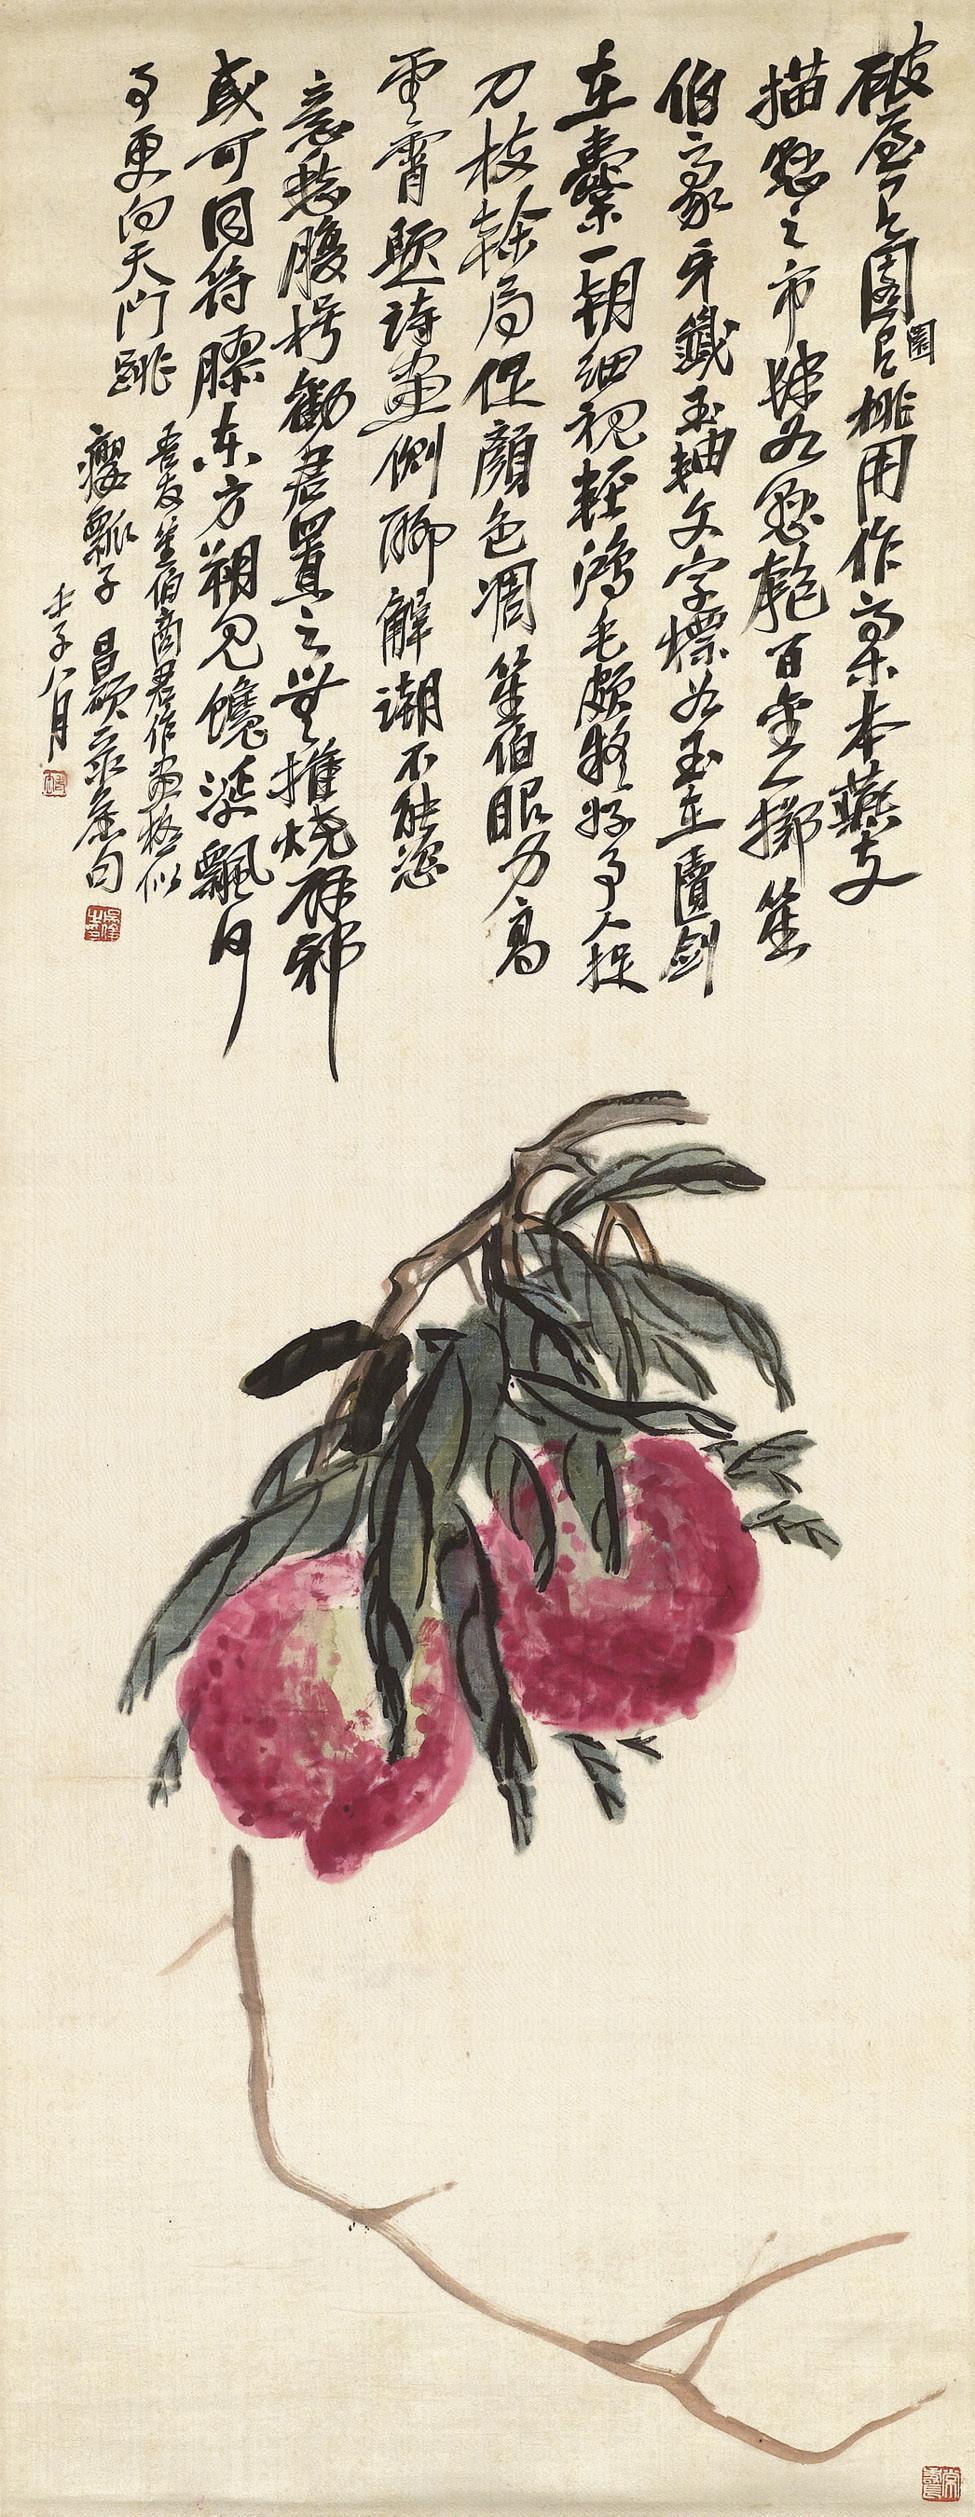 SHANG SHENGBO (1869-1962)